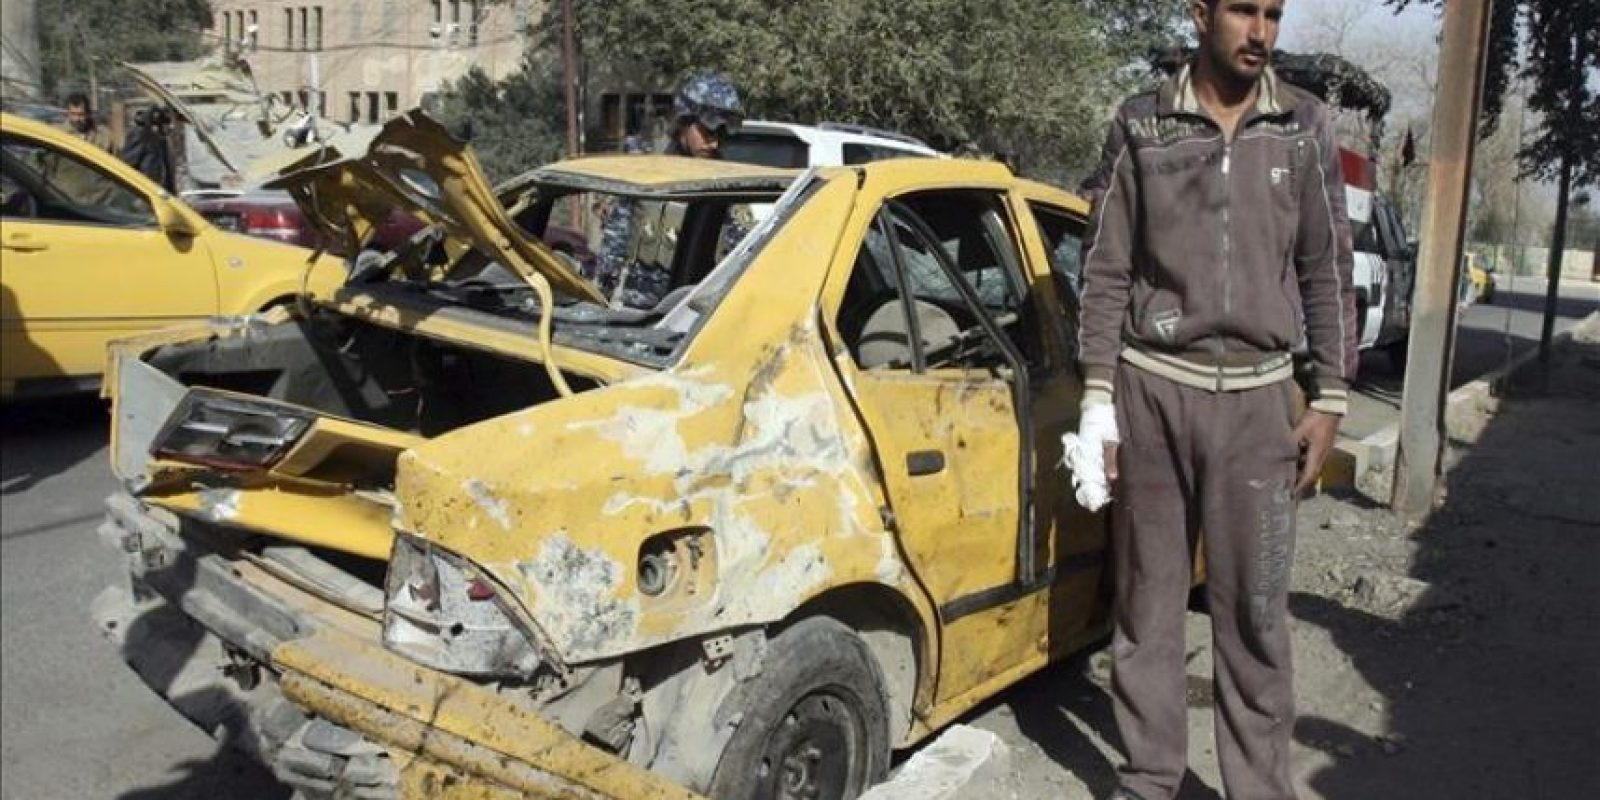 Un herido permanece junto a su vehículo, que resultó dañado en un ataque con coche bomba en el céntrico y comercial barrio de Karrada, en Irak, hoy, jueves 23 de febrero de 2012. EFE